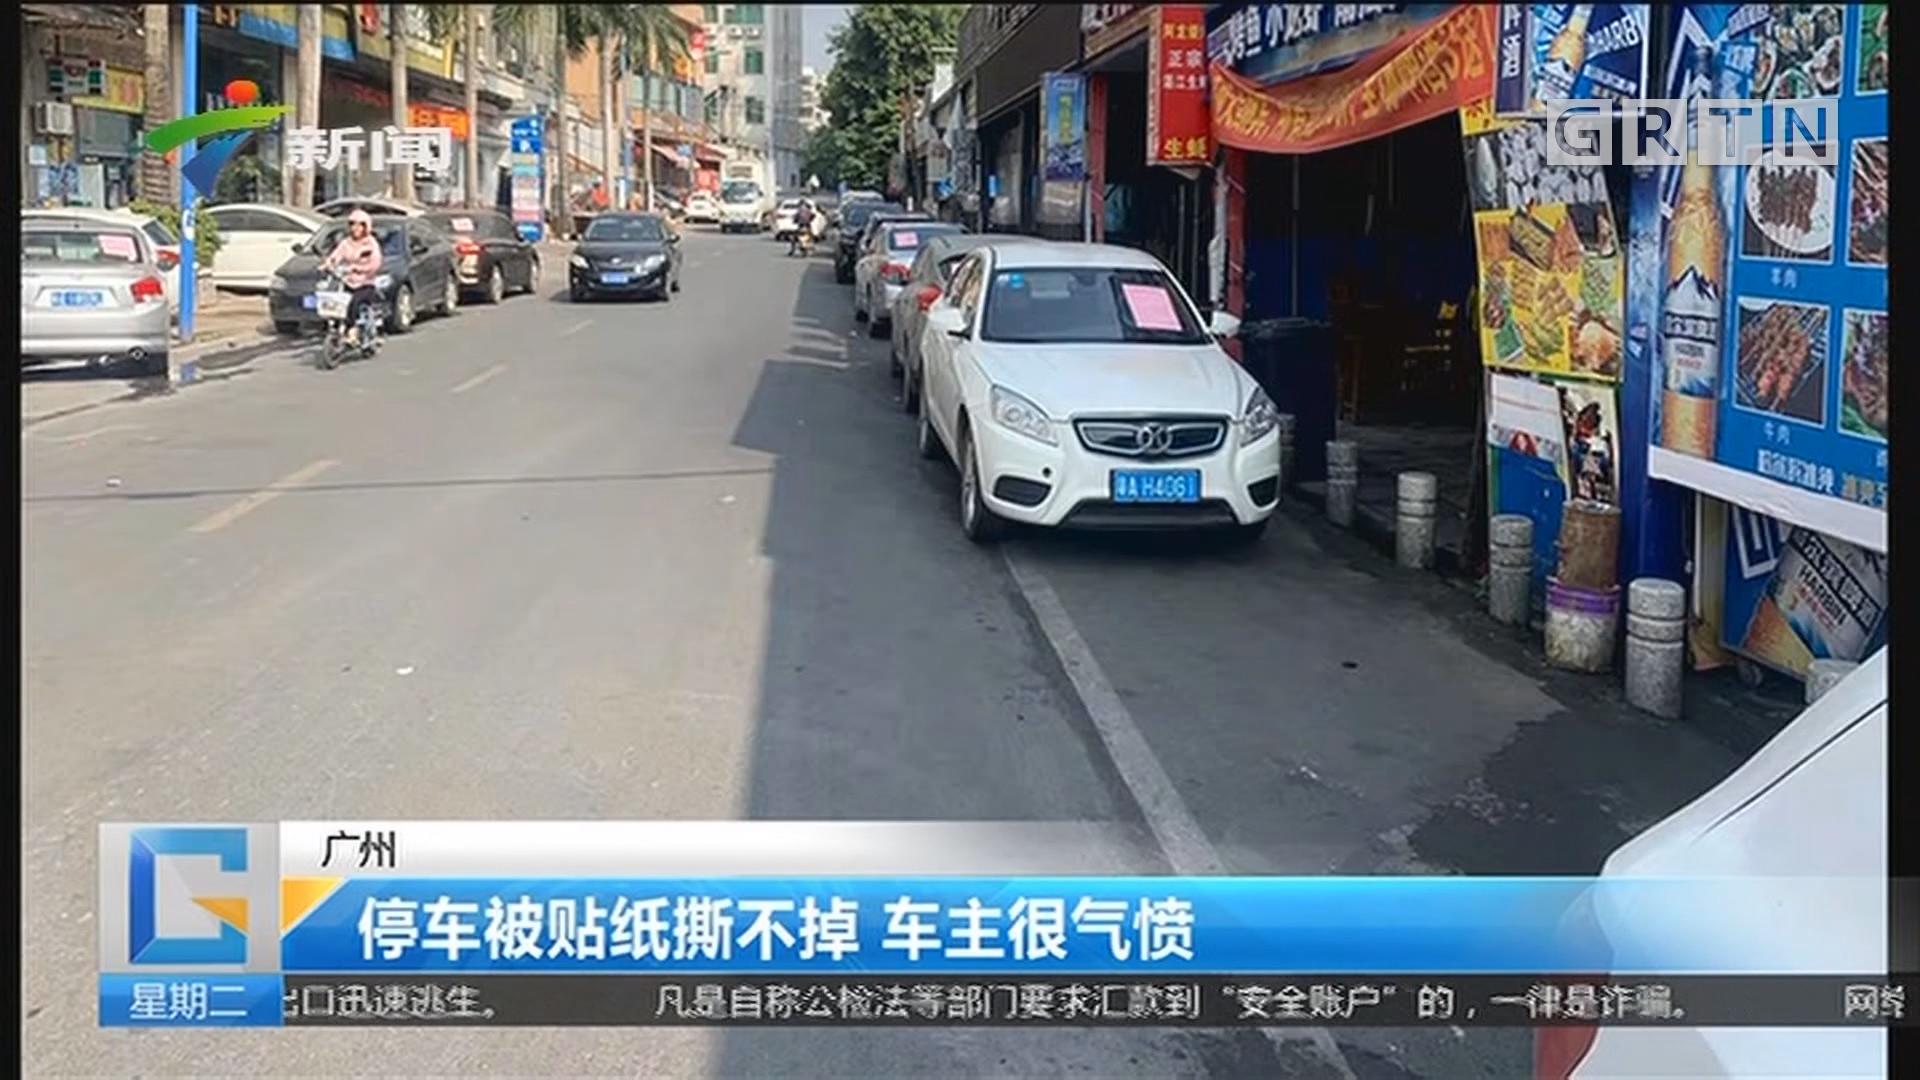 广州:停车被贴纸撕不掉 车主很气愤